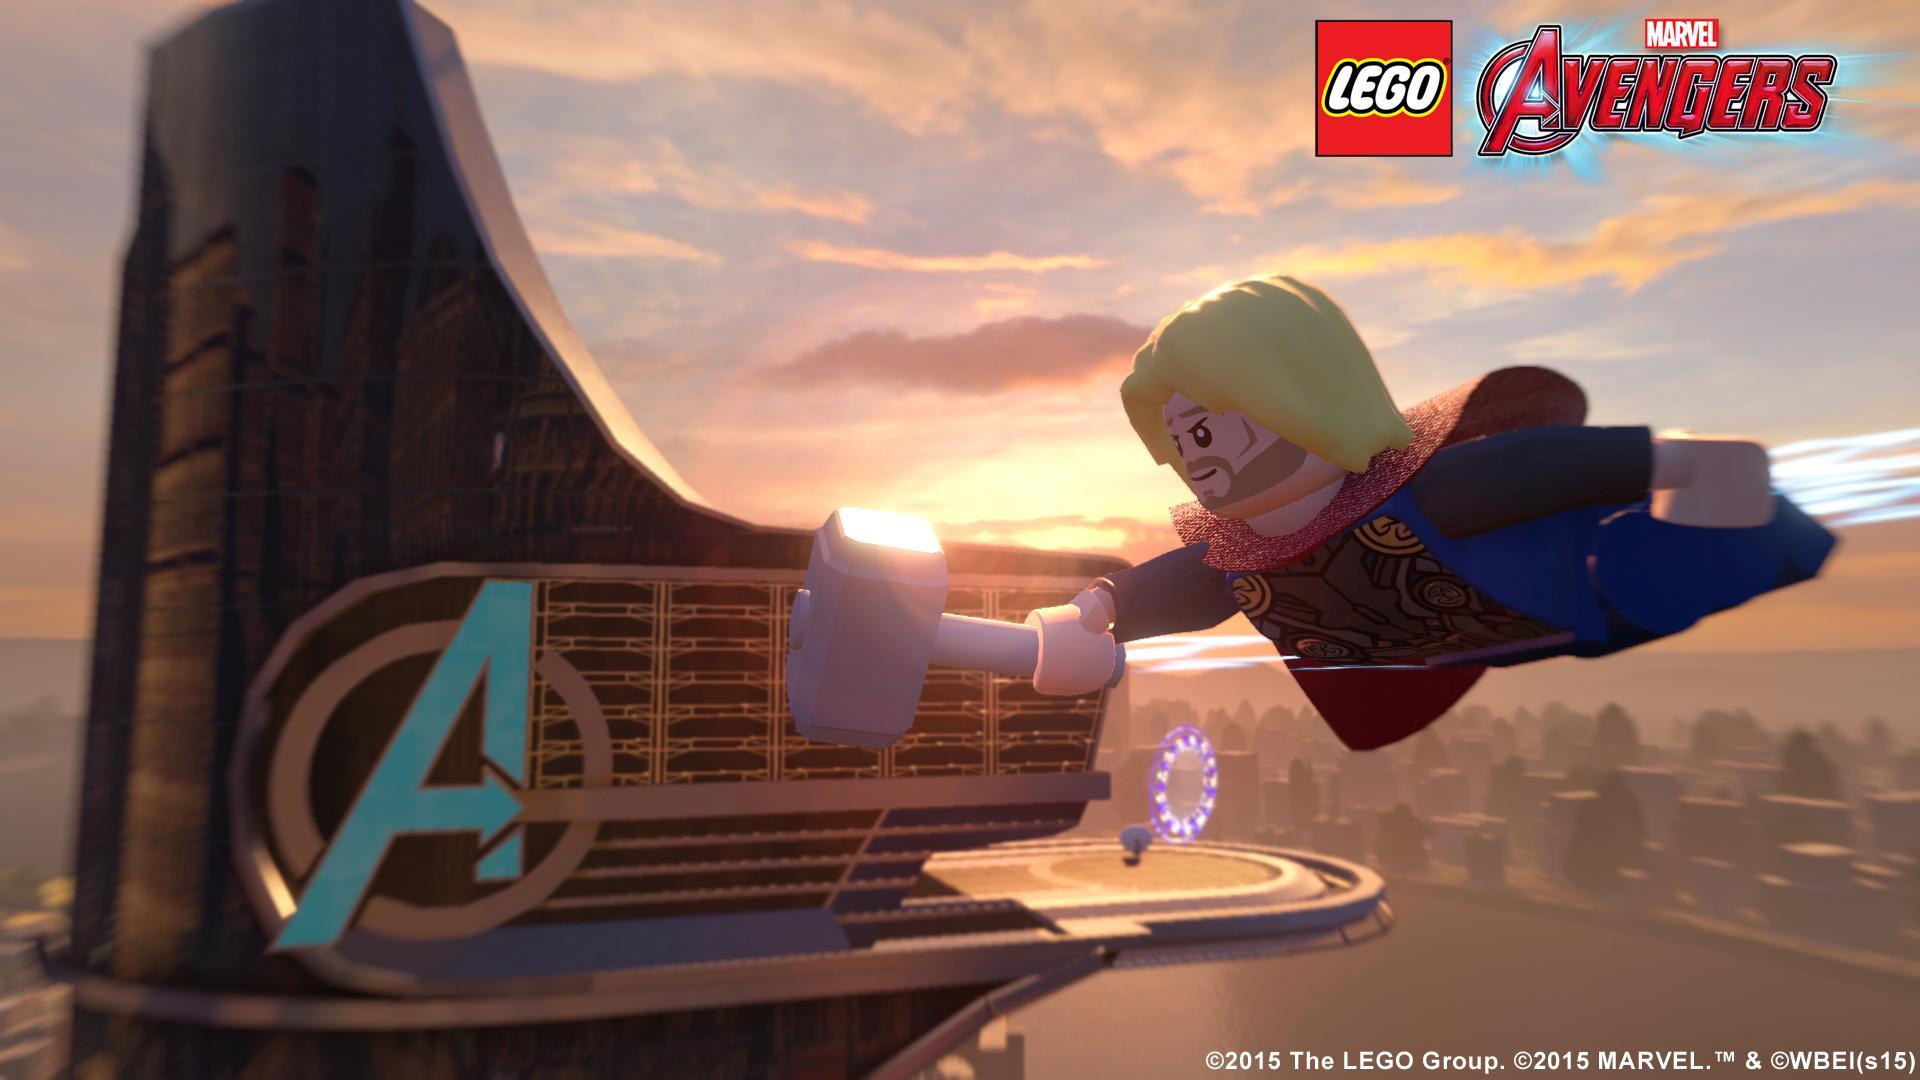 Amazon.com: LEGO Marvel's Avengers - Xbox 360: Whv Games ...